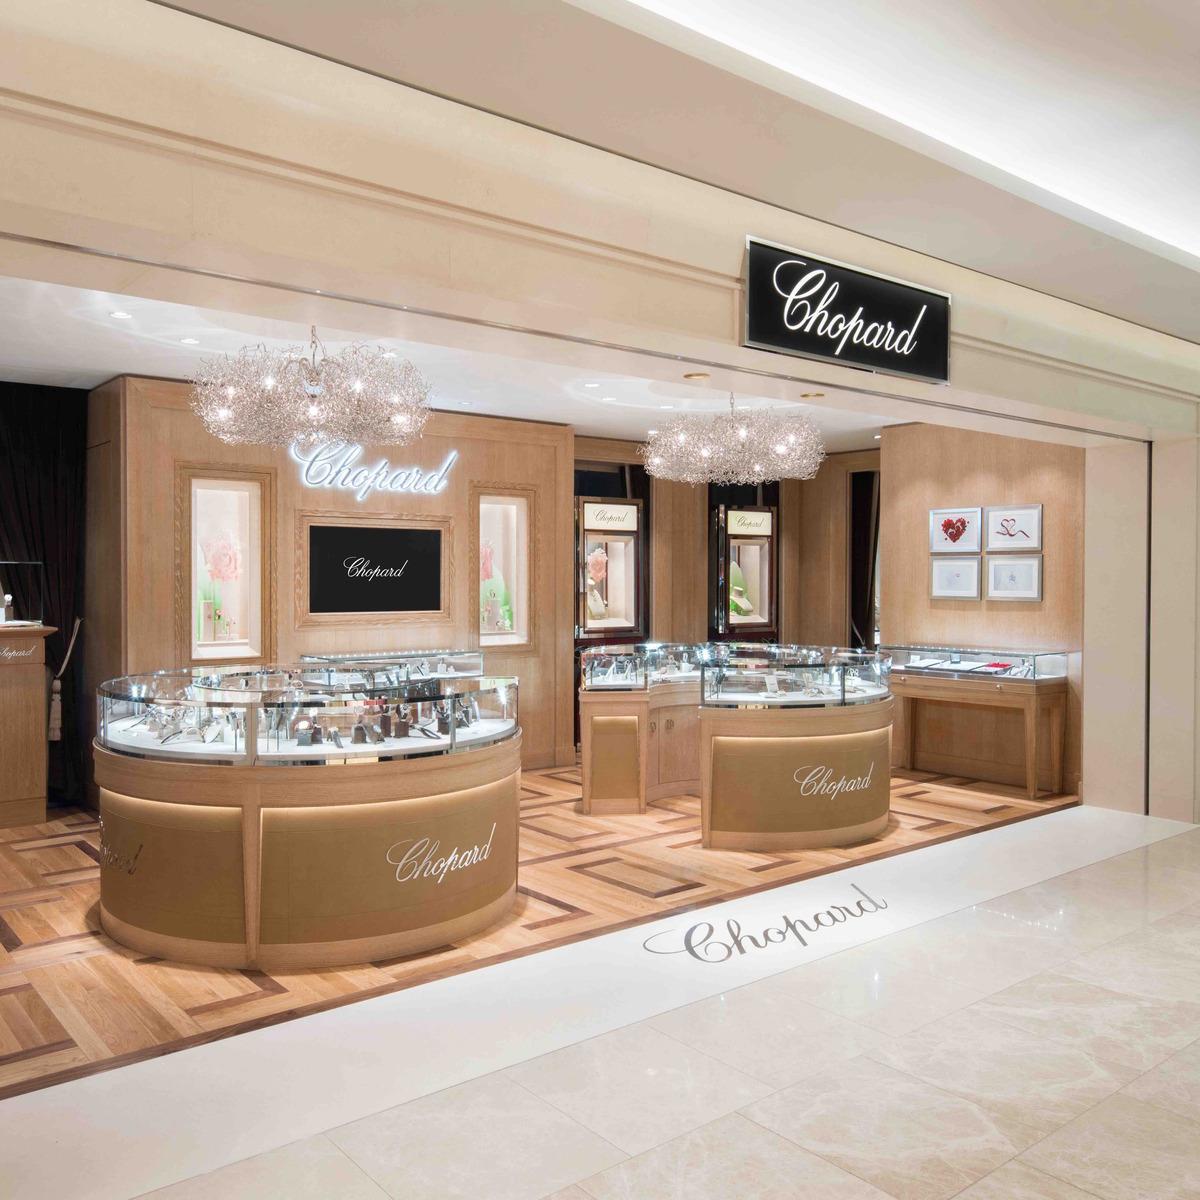 on sale ba128 83beb ショパール ブティック GINZA SIX 店が、4月20日にオープン ...